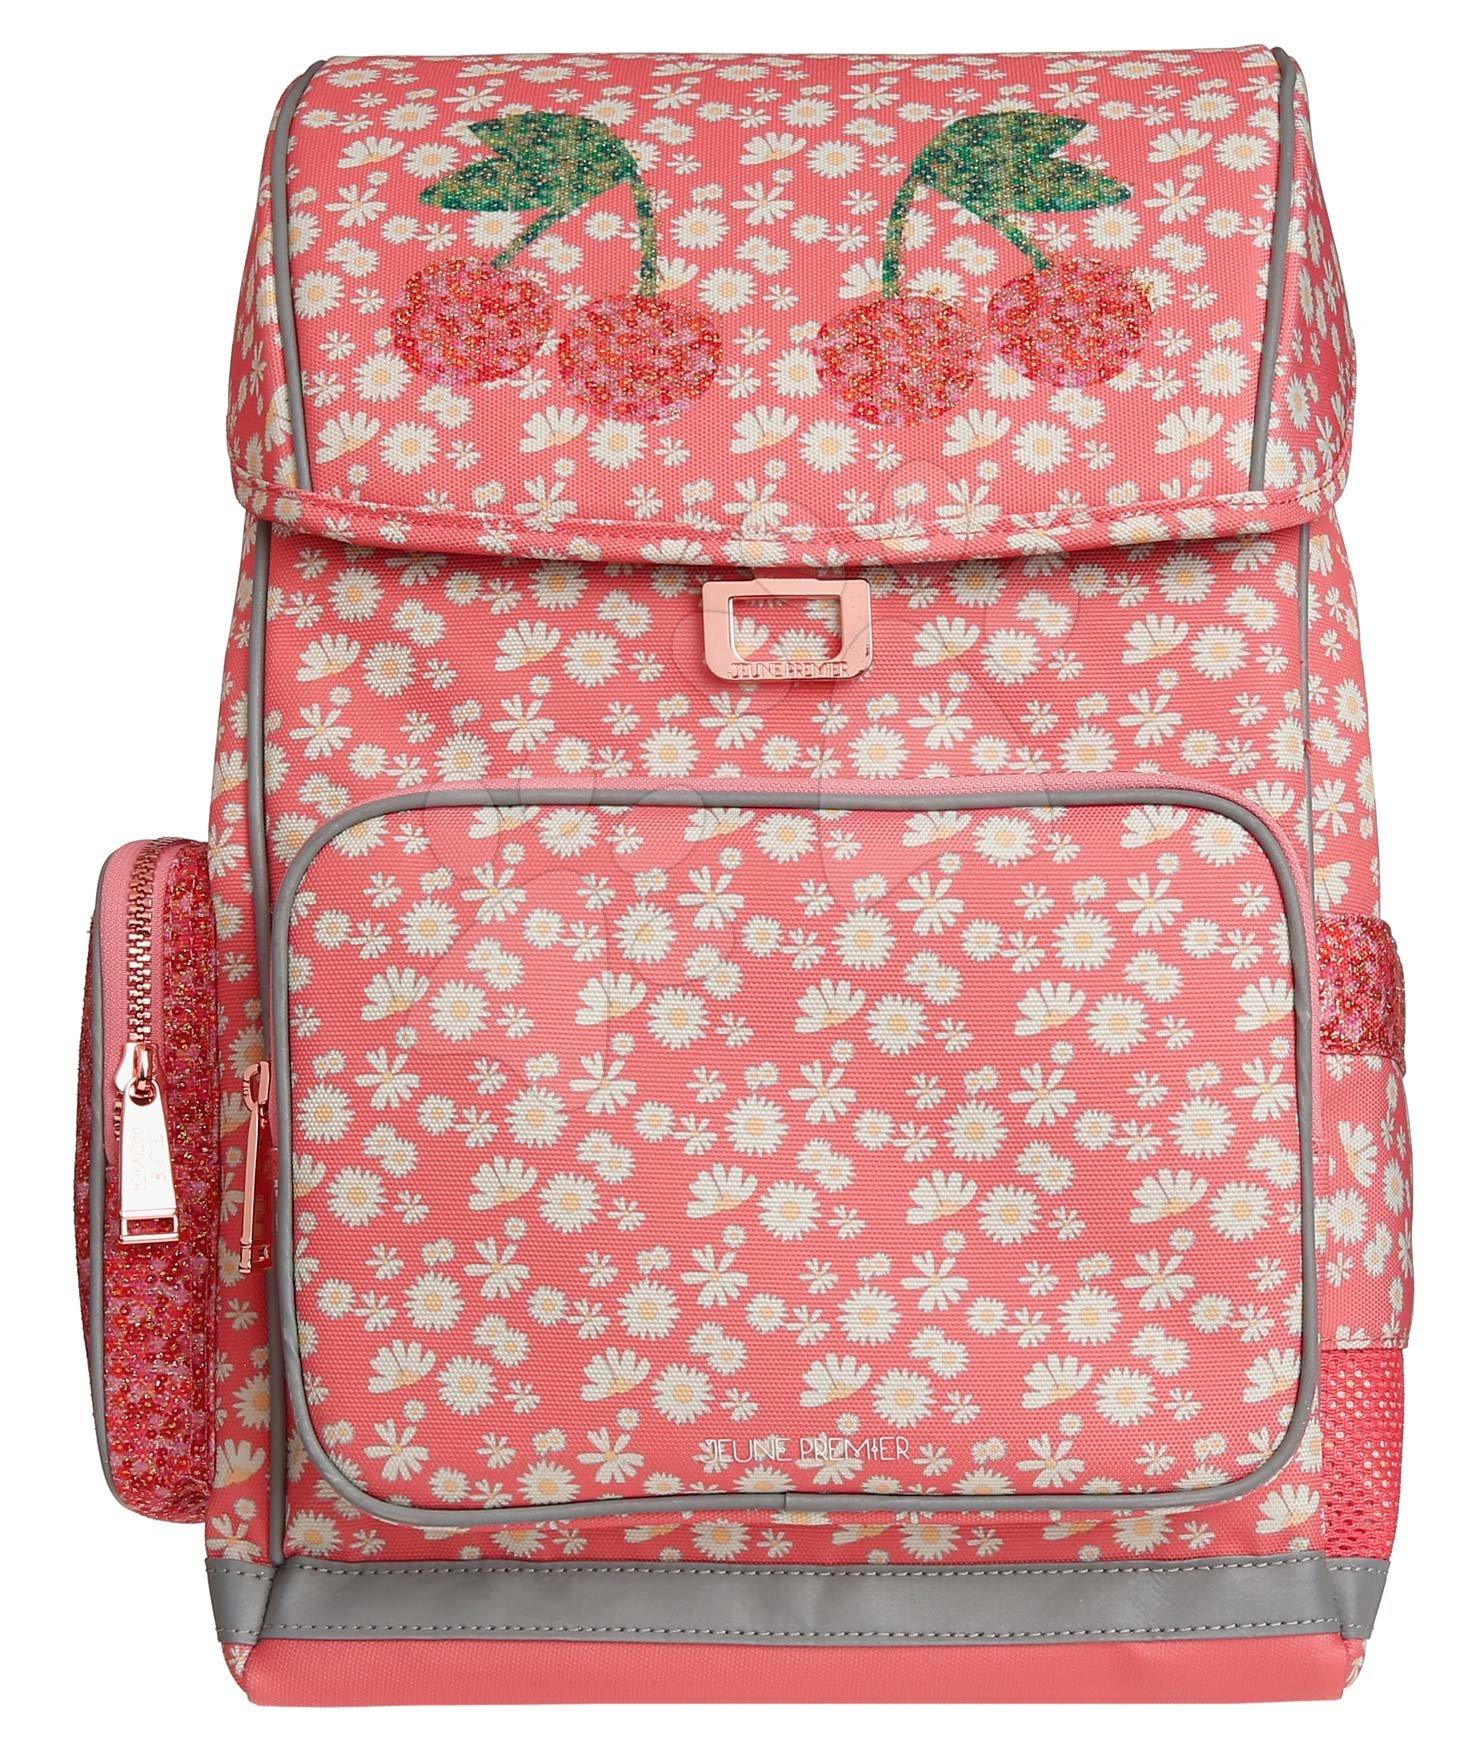 Školske torbe i ruksaci - Školský batoh veľký Ergomaxx Miss Daisy Jeune Premier ergonomický luxusné prevedenie 39*26 cm JPERX21166